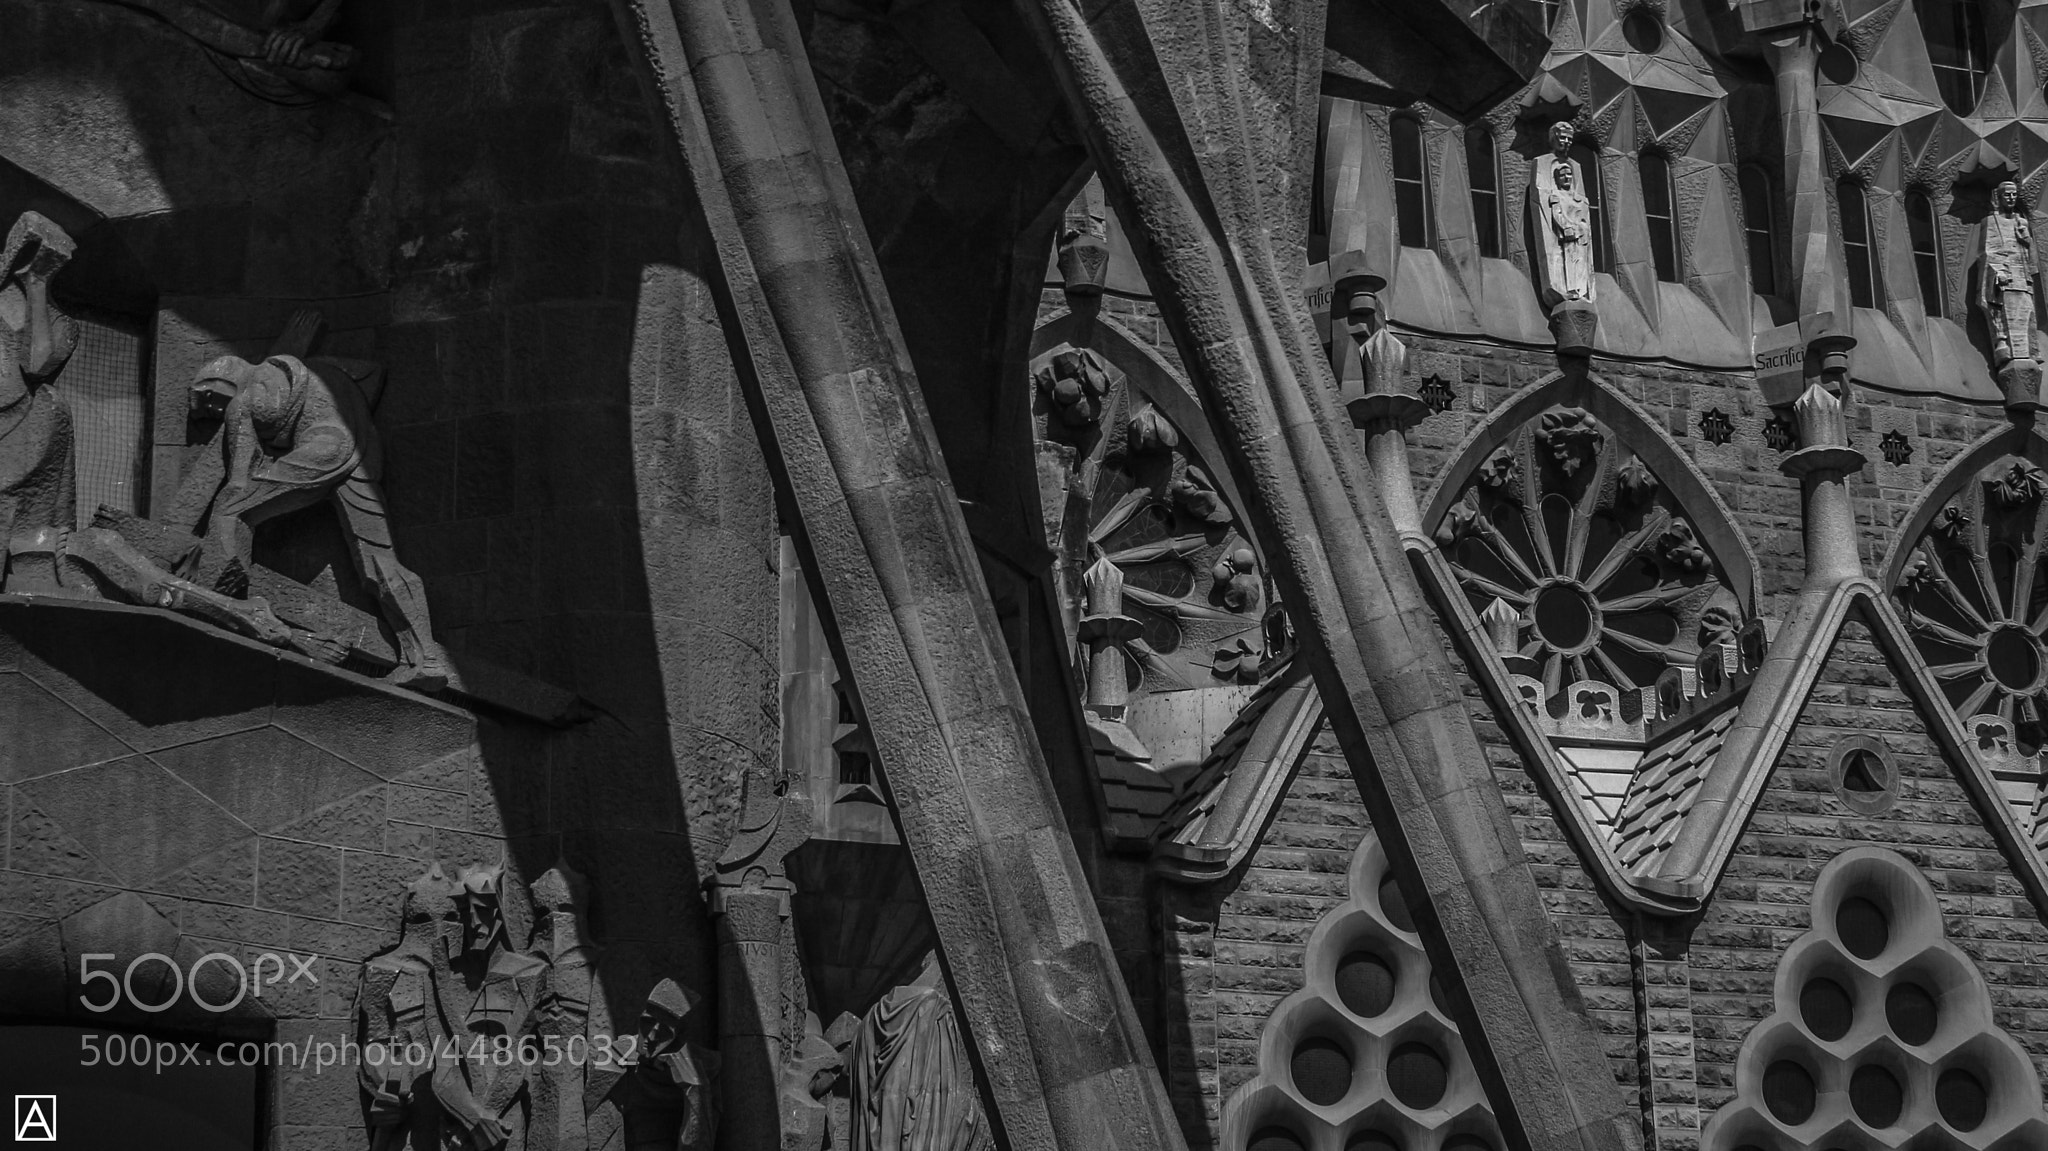 Photograph Sagrada Familia by Alexis Ori on 500px